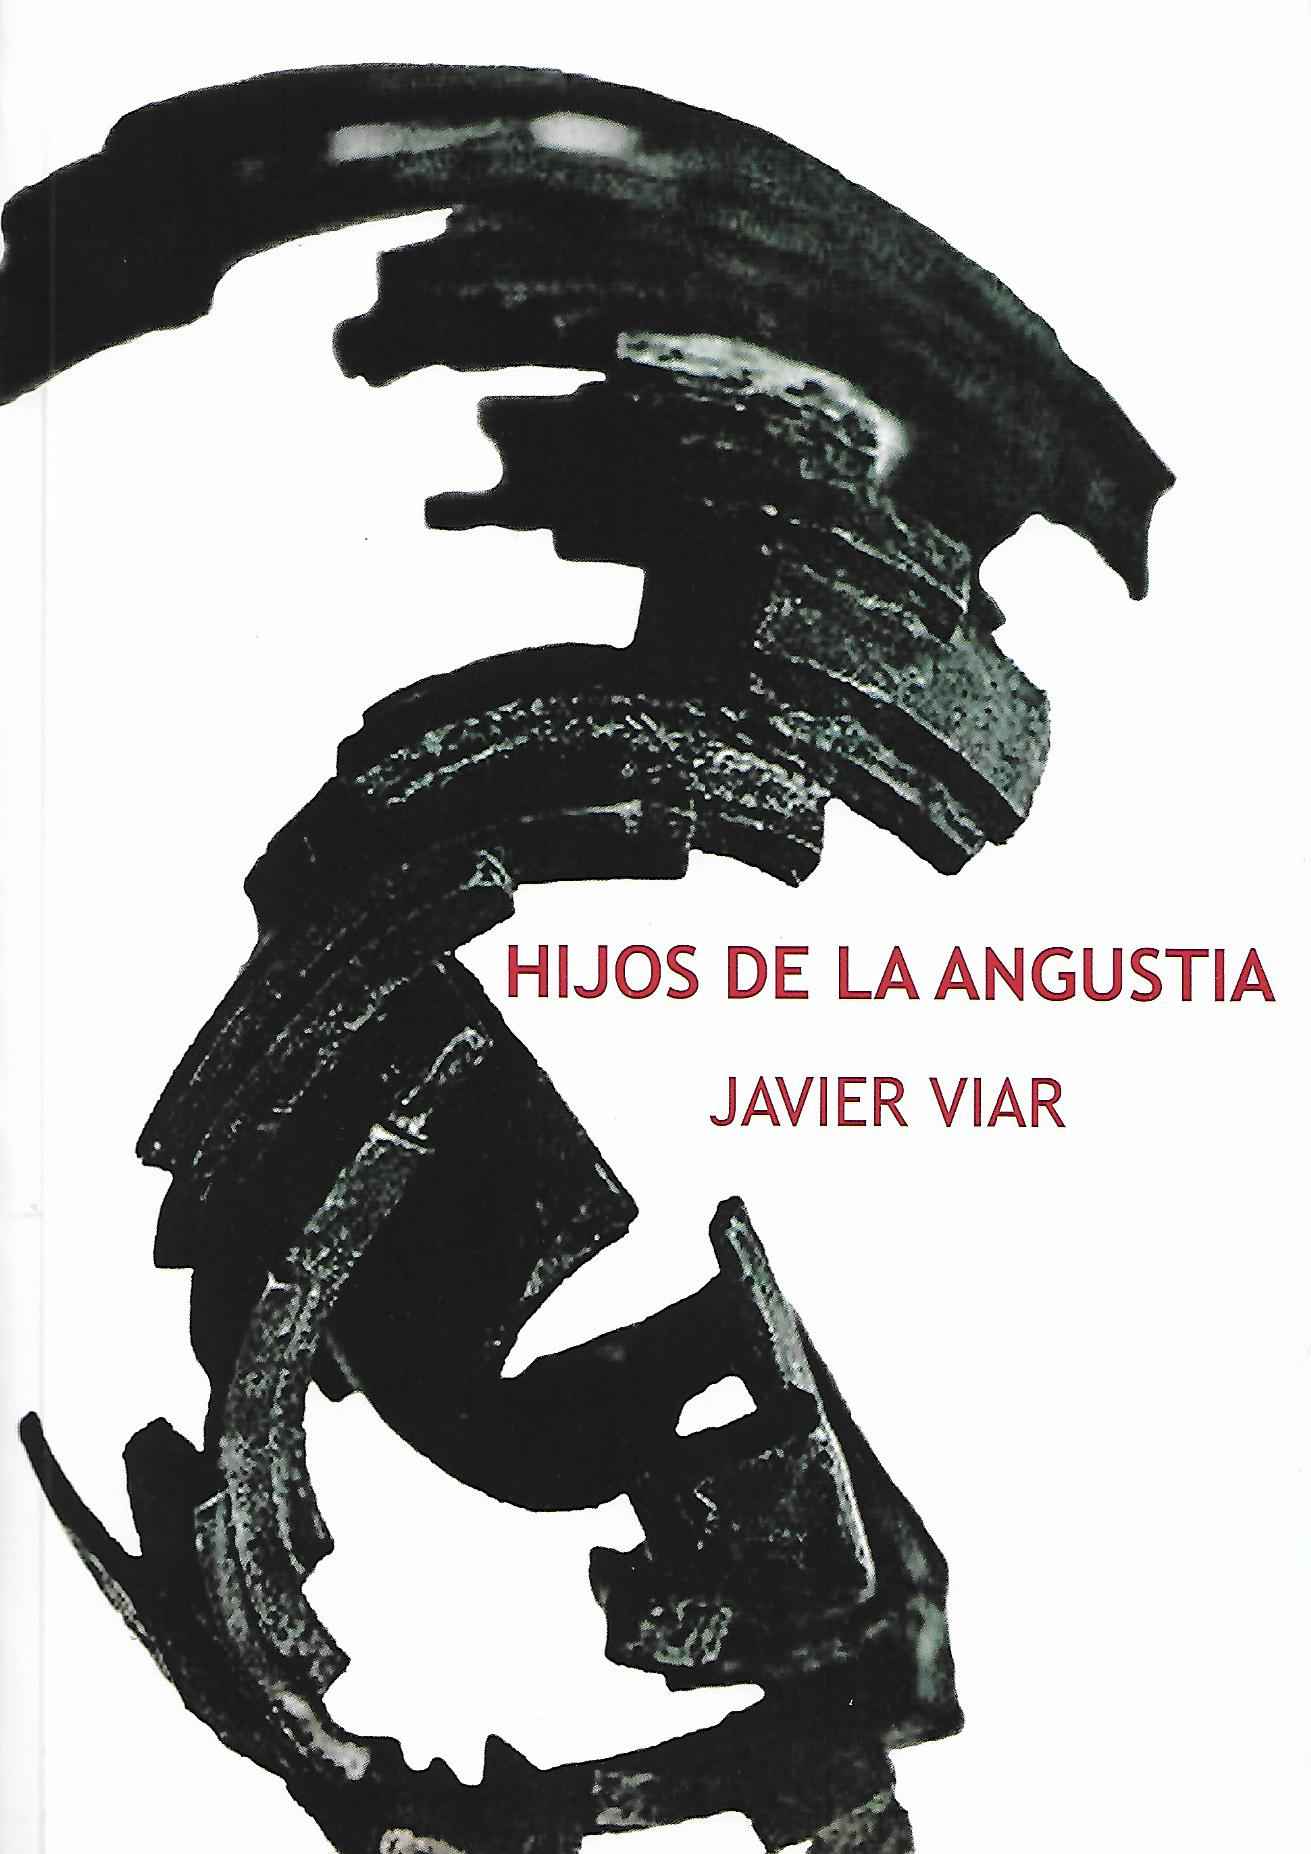 Javier Viar: «Hijos de la angustia»